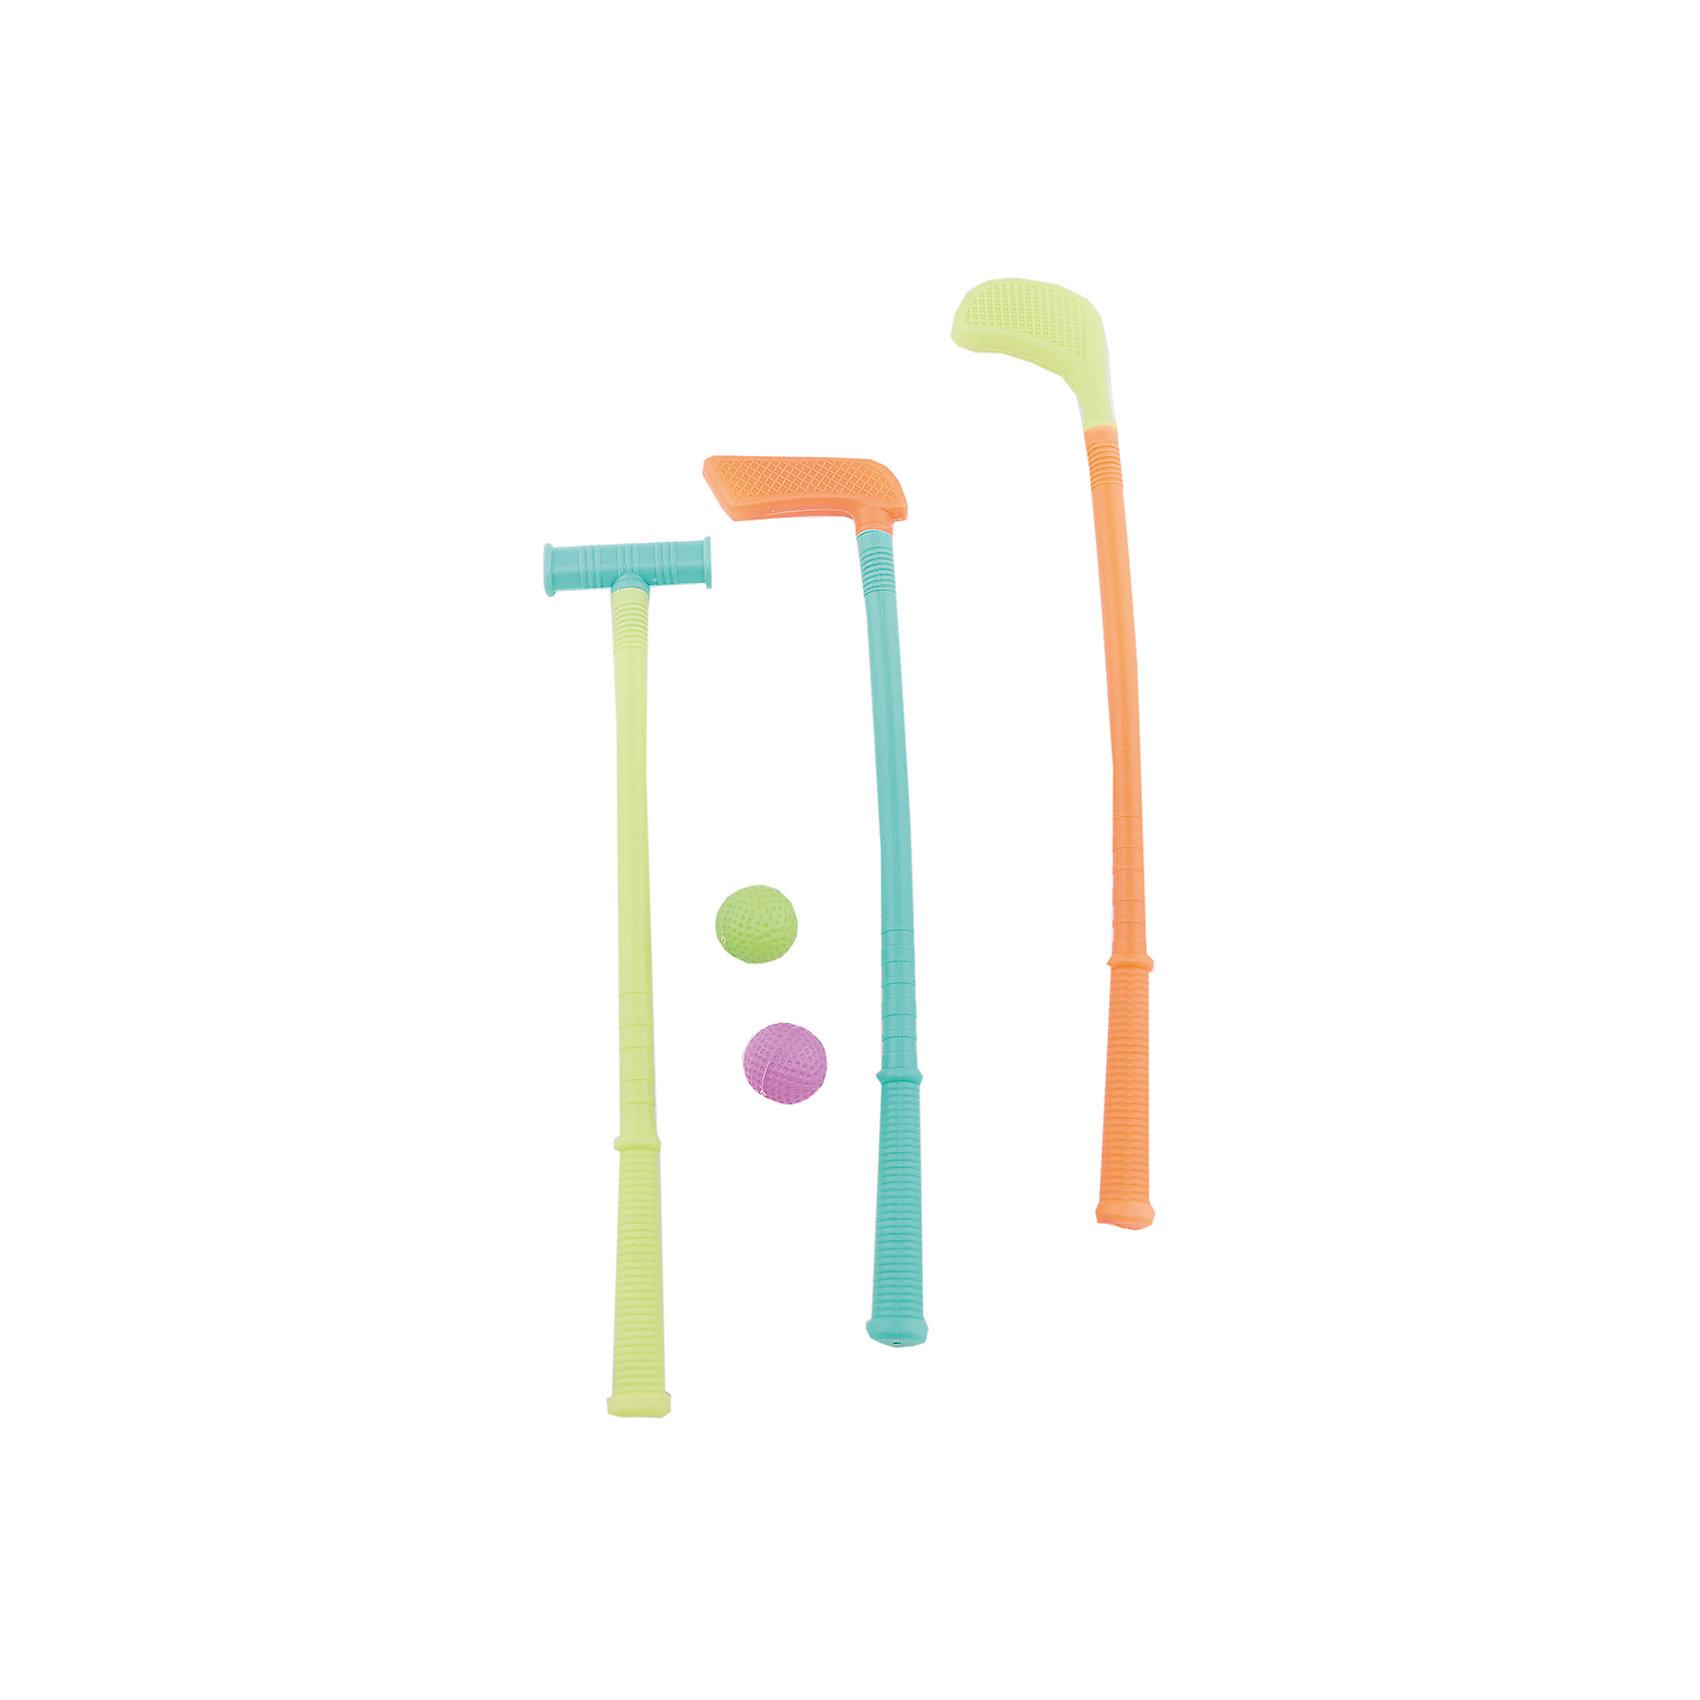 Набор для гольфа, 3 клюшки, 45смИгровые наборы<br>Набор для гольфа, 3 клюшки, 45см.<br><br>Характеристика:<br><br>• Материал: пластик.  <br>• Длина клюшки: 45 см.<br>• Комплектация: 3 клюшки, 2 мяча. <br>• Яркий привлекательный дизайн. <br>• Развивает внимание и координацию движений. <br><br>Гольф - увлекательная игра, помогающая развить внимание, координацию и усидчивость. В набор входят три разноцветные клюшки и два мячика. Игрушки выполнены из высококачественного прочного пластика безопасного для детей. С набором можно играть как на улице, так и дома, используя в качестве лунки обычный пластиковый стакан. <br><br>Набор для гольфа, 3 клюшки, 45см, можно купить в нашем интернет-магазине.<br><br>Ширина мм: 80<br>Глубина мм: 470<br>Высота мм: 50<br>Вес г: 1806<br>Возраст от месяцев: 36<br>Возраст до месяцев: 144<br>Пол: Унисекс<br>Возраст: Детский<br>SKU: 5501950